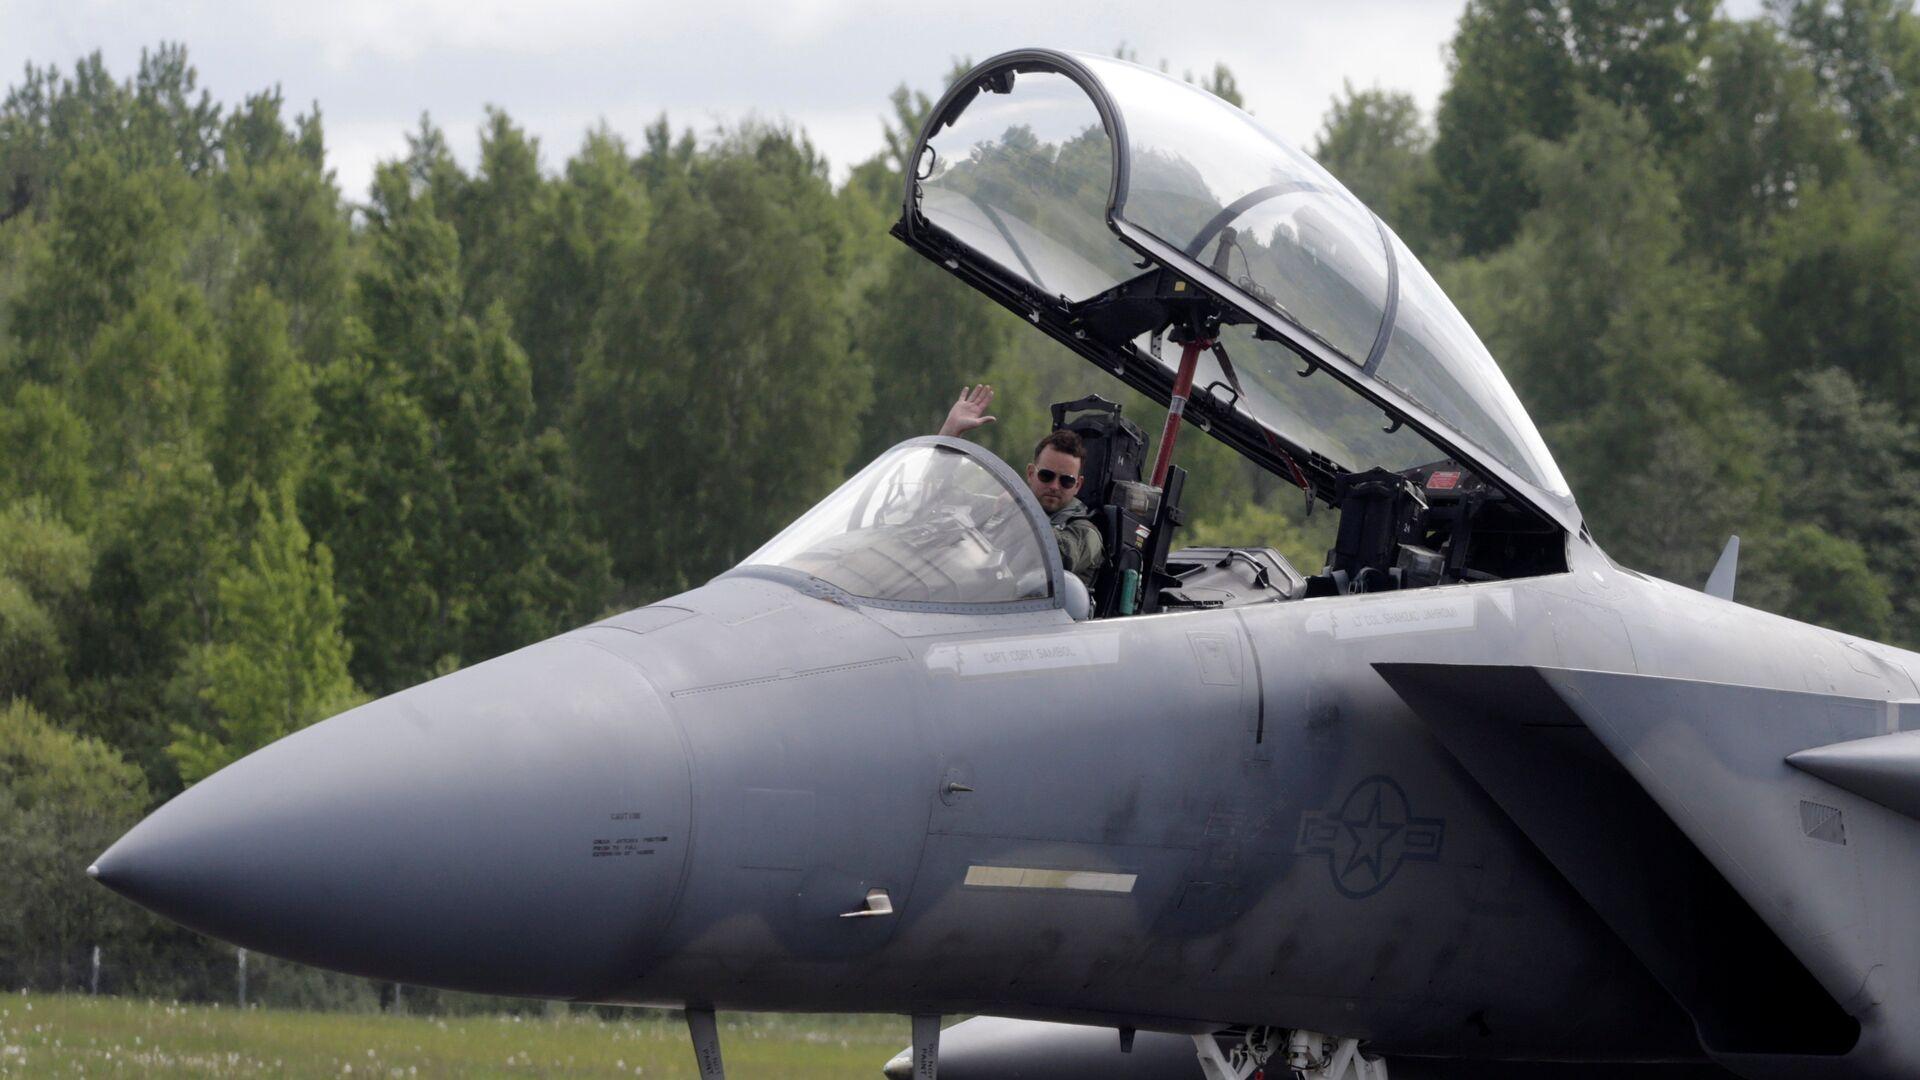 Пилот истребителя F-15 Eagle на военной авиабазе в Лиелварде - Sputnik Латвия, 1920, 21.04.2021